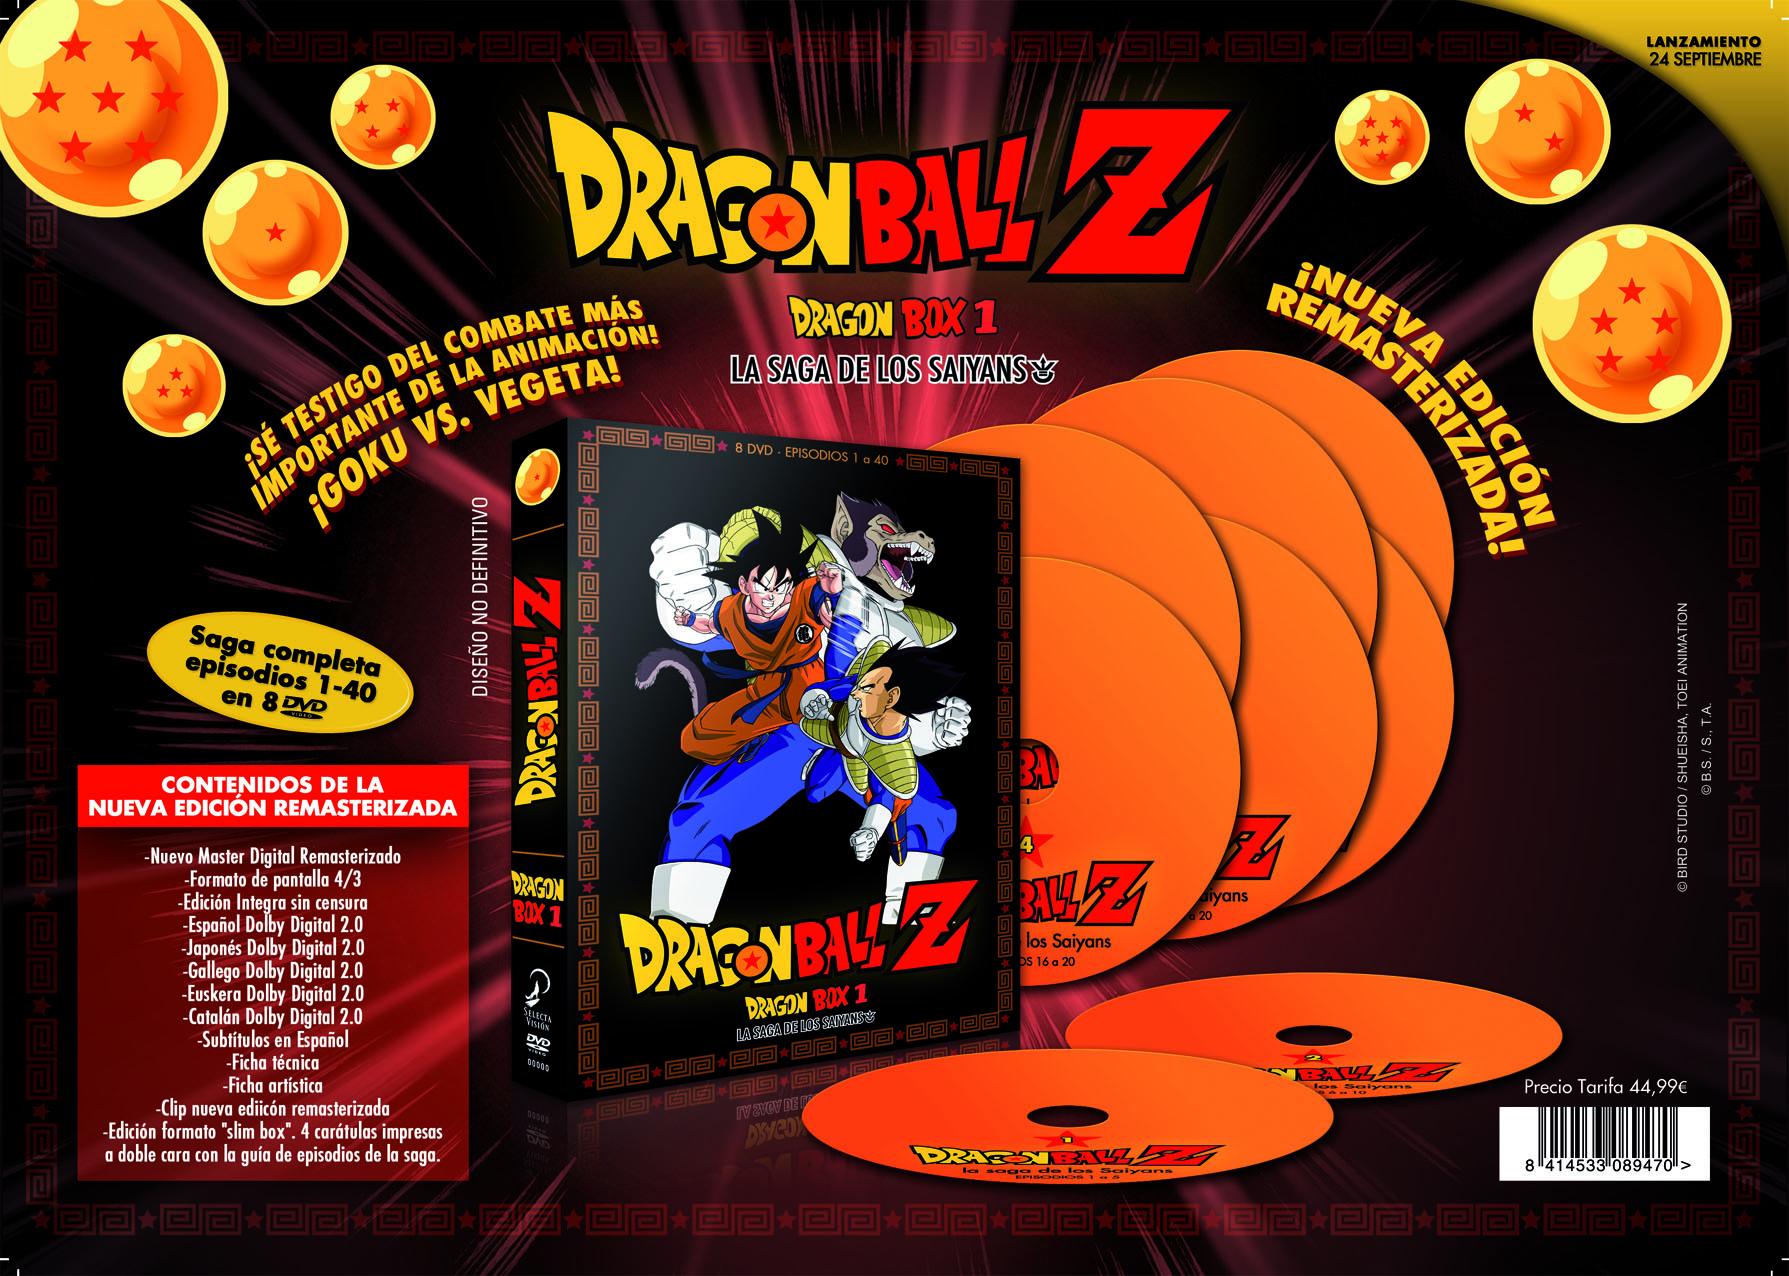 dragon ball z dragon box 1